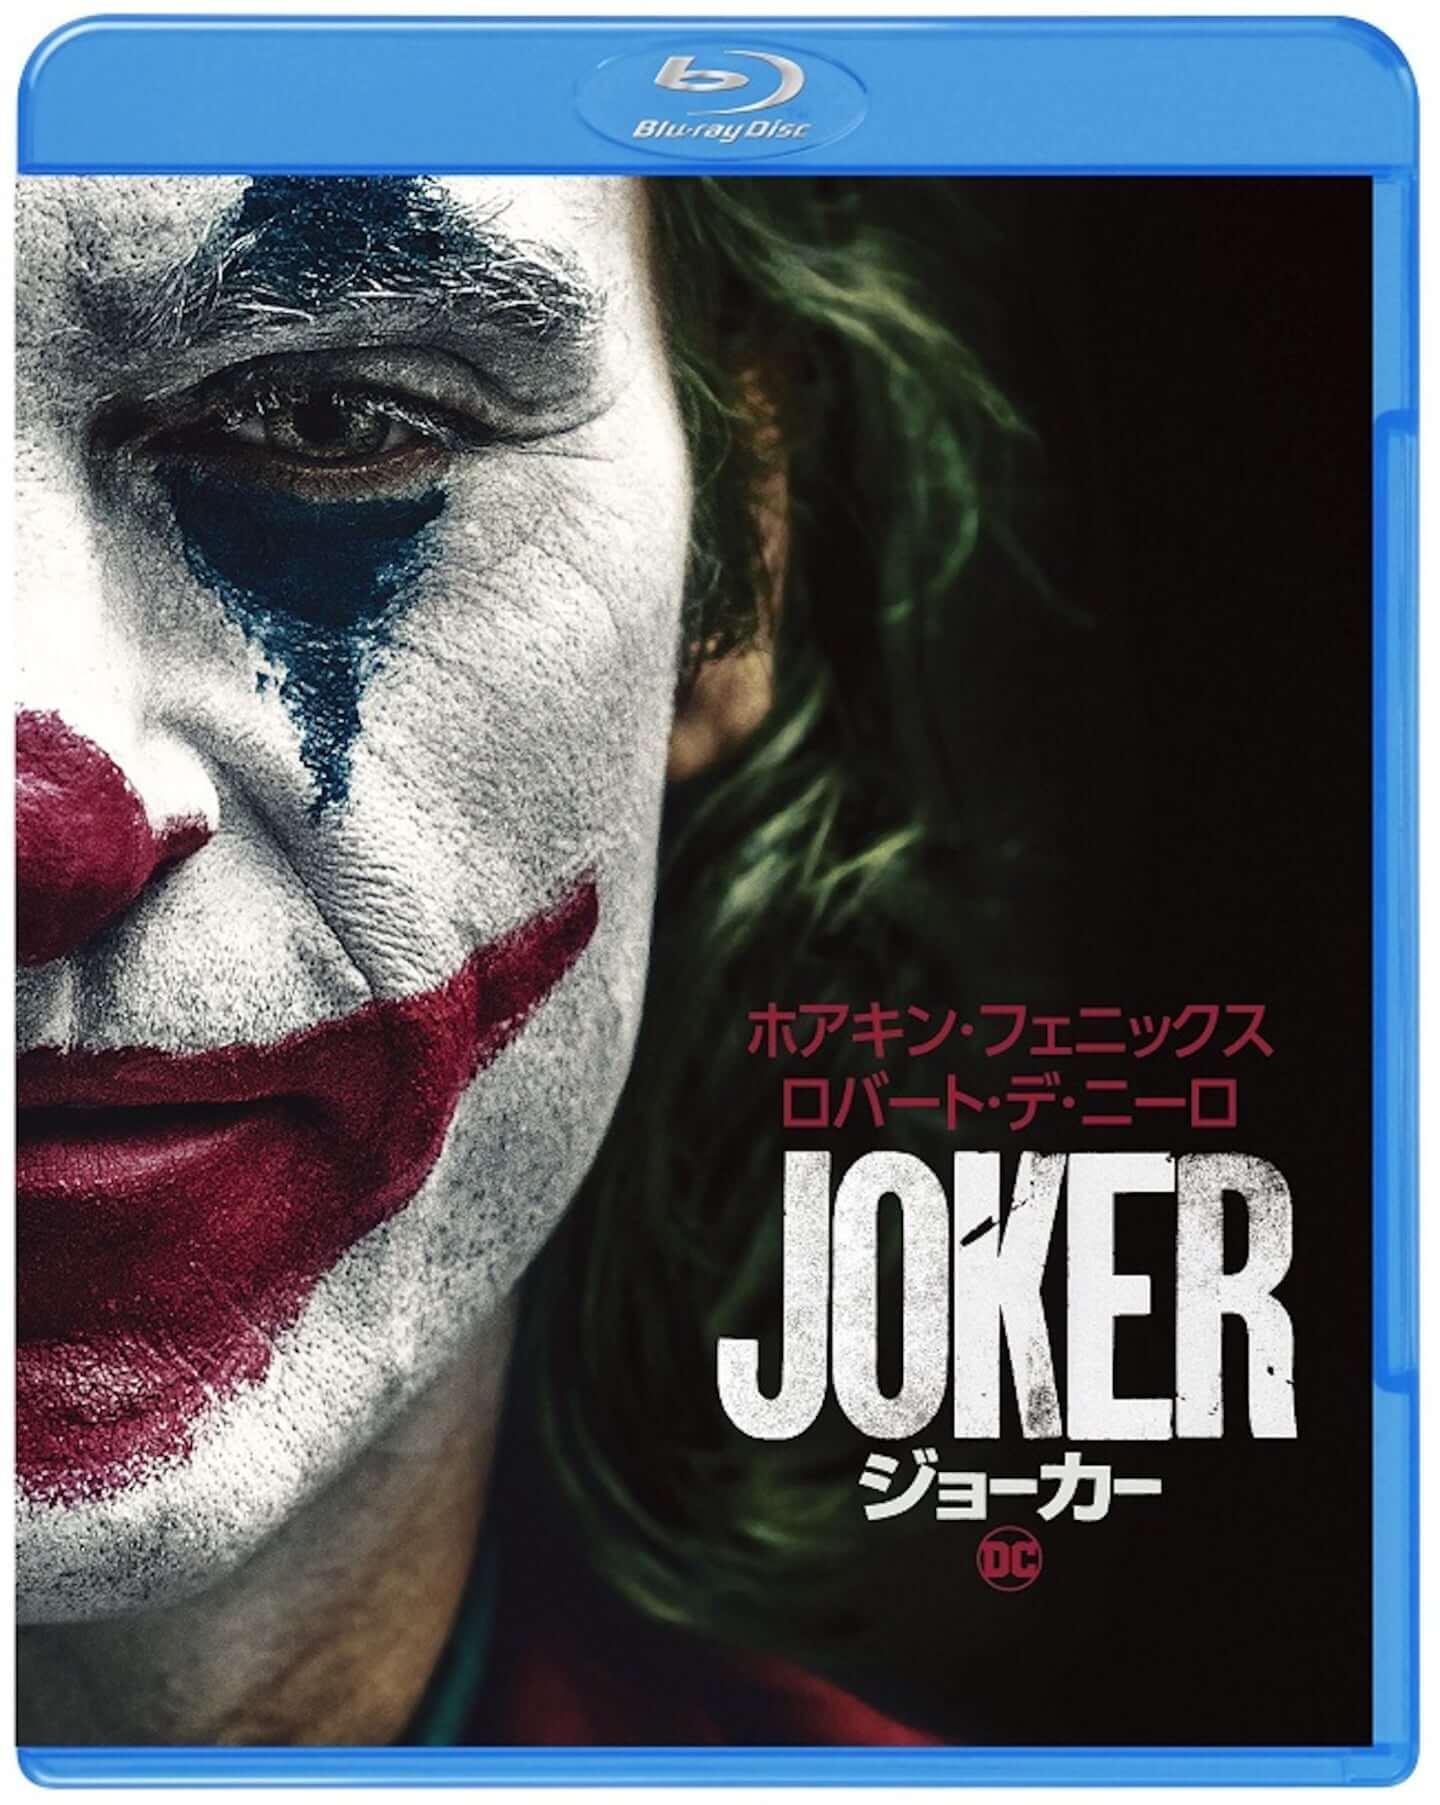 『ジョーカー』GG賞4部門ノミネート!ホアキン・フェニックス、トッド・フィリップス監督から感謝と祝福のコメントが到着 film191210_joker_goldenglobe_01-1440x1805